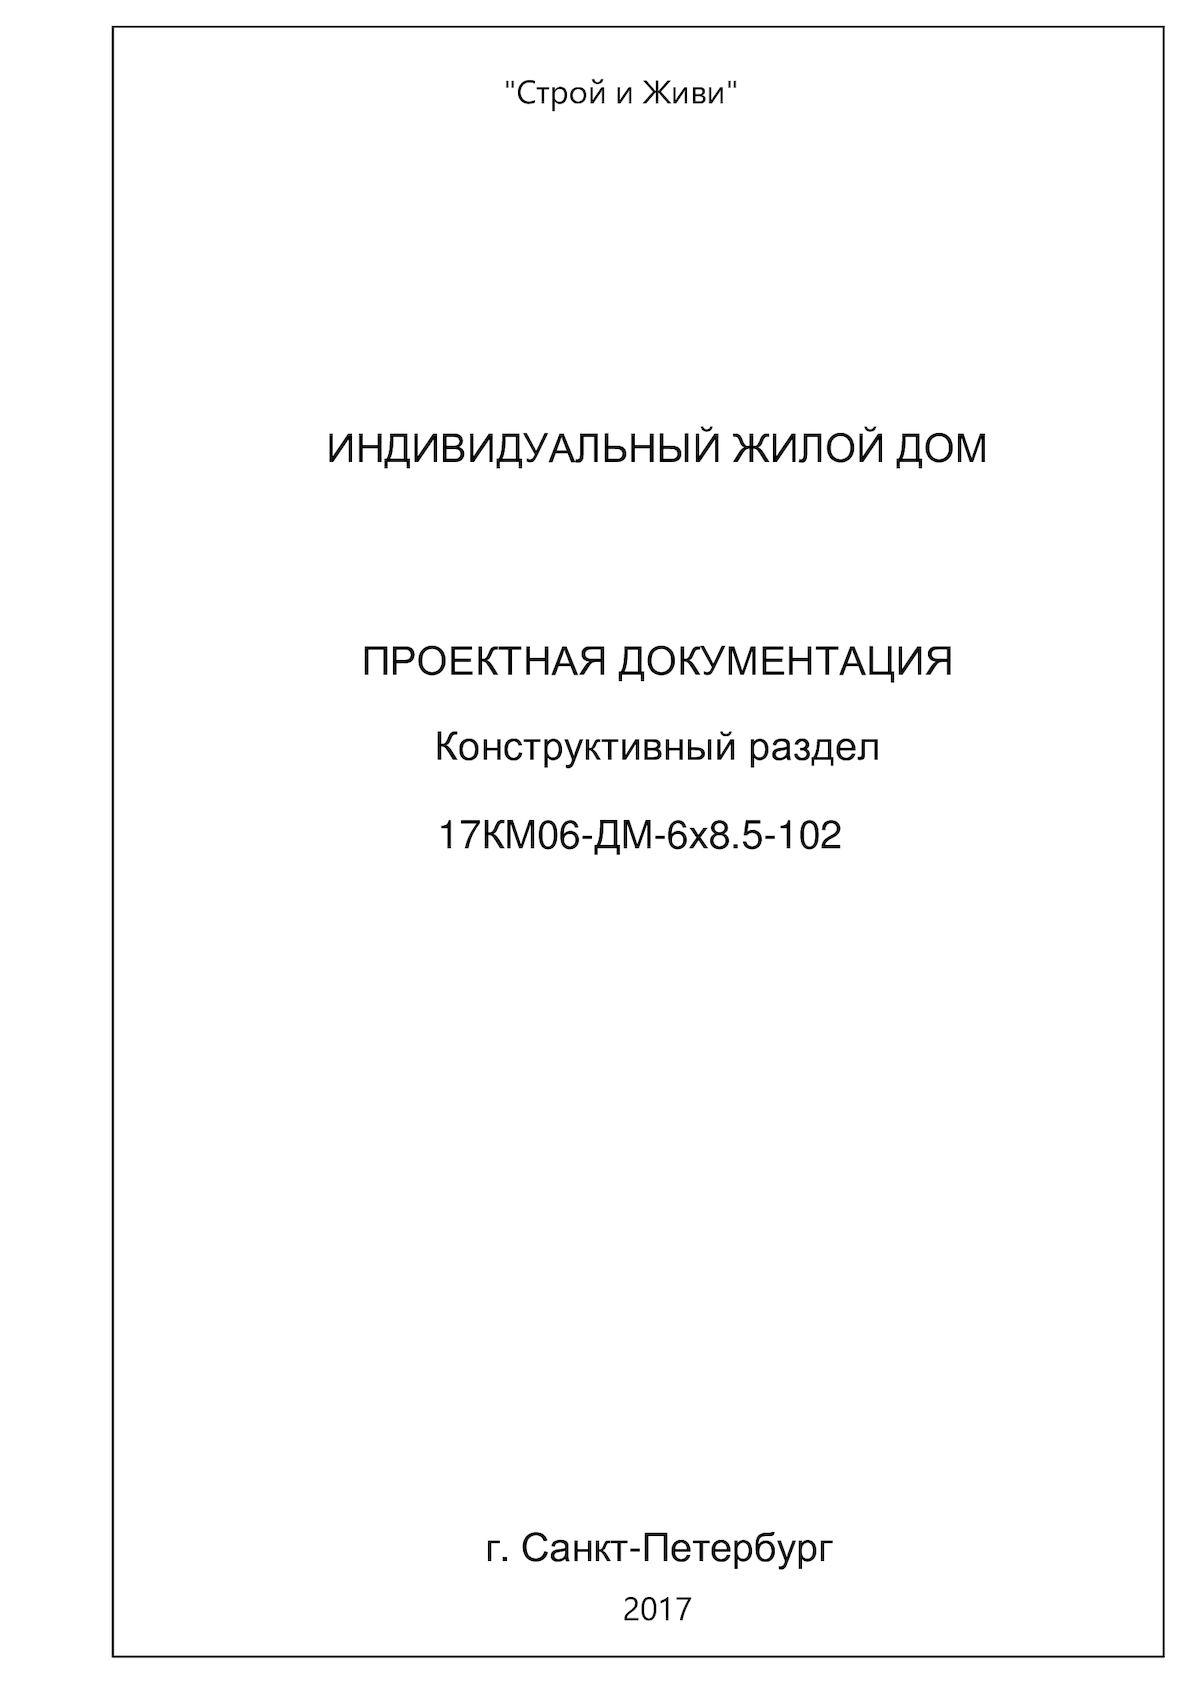 17км07 ДМ 6х8 5 102 (КР)